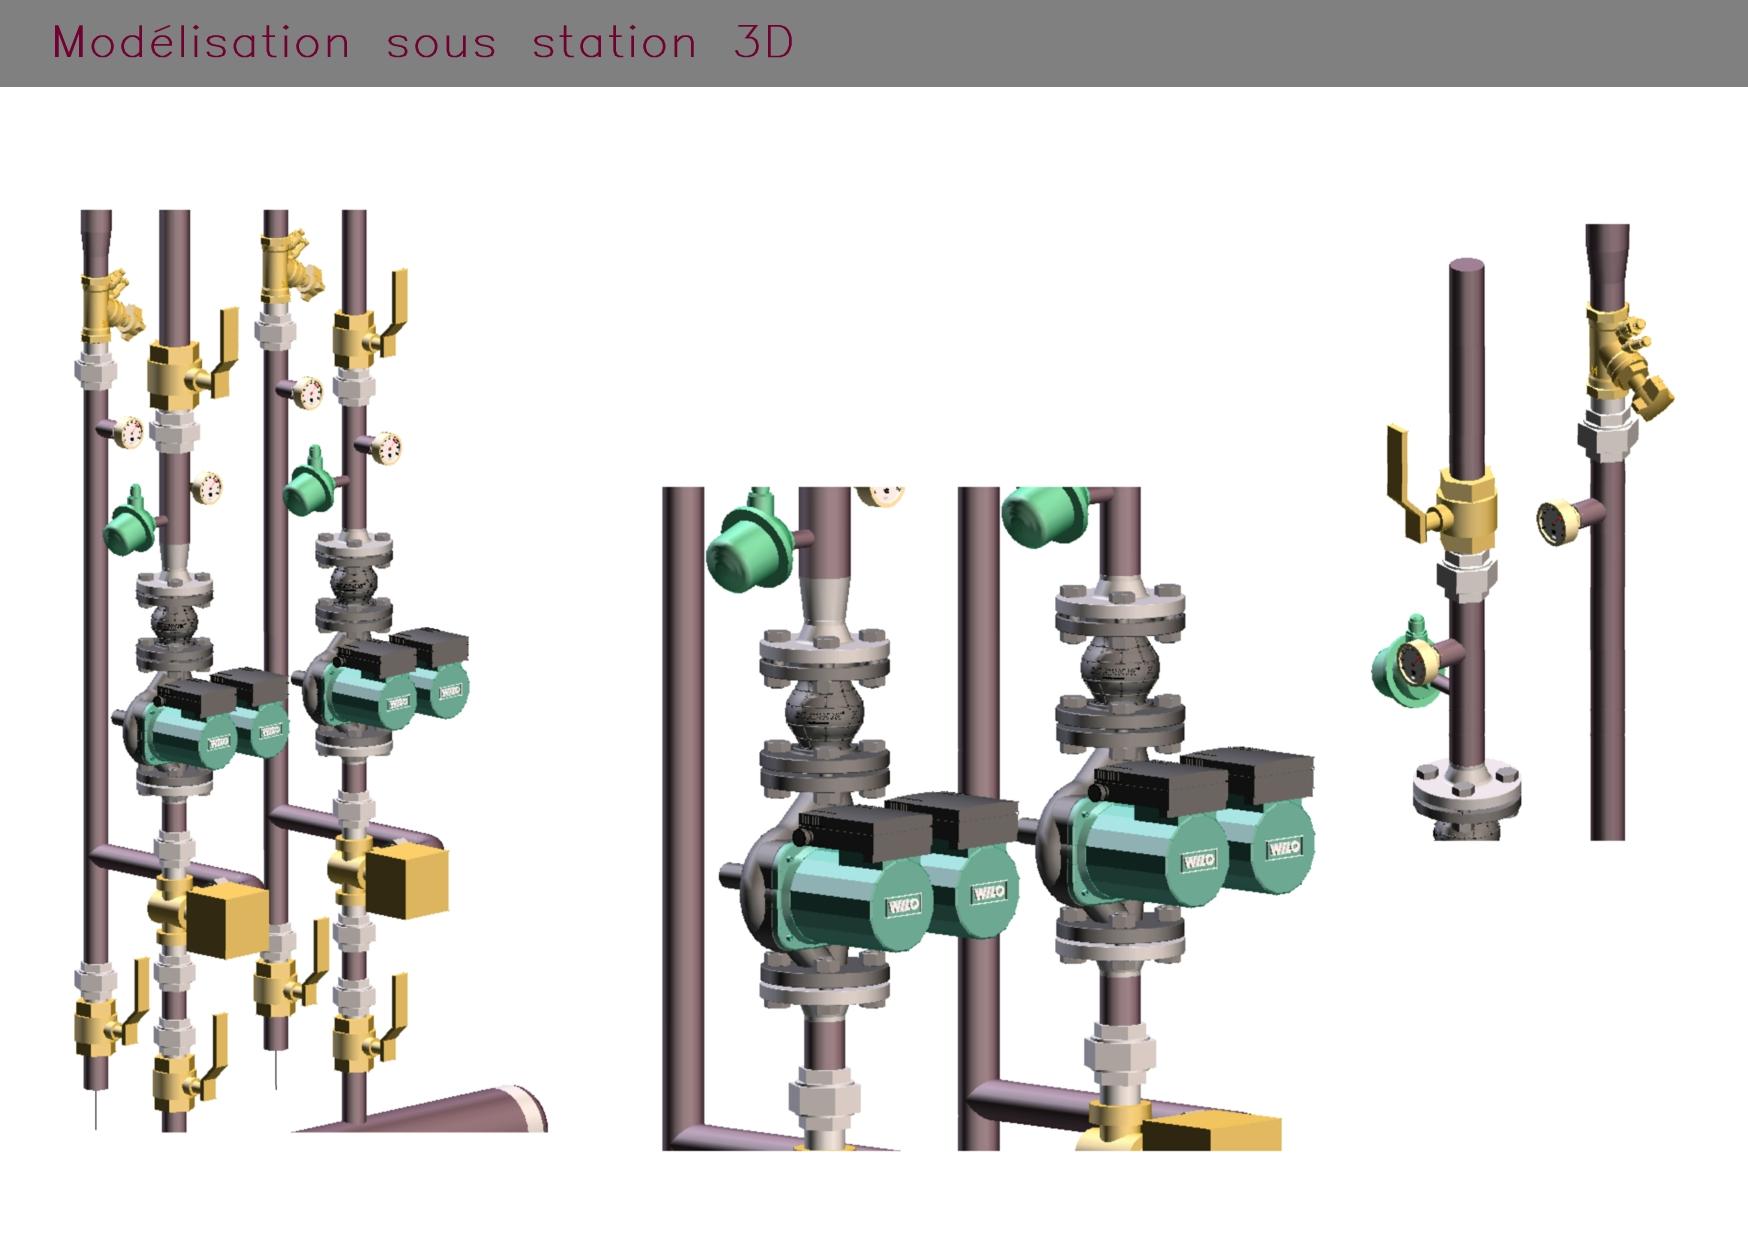 Modélisation sous station en 3 dimensions